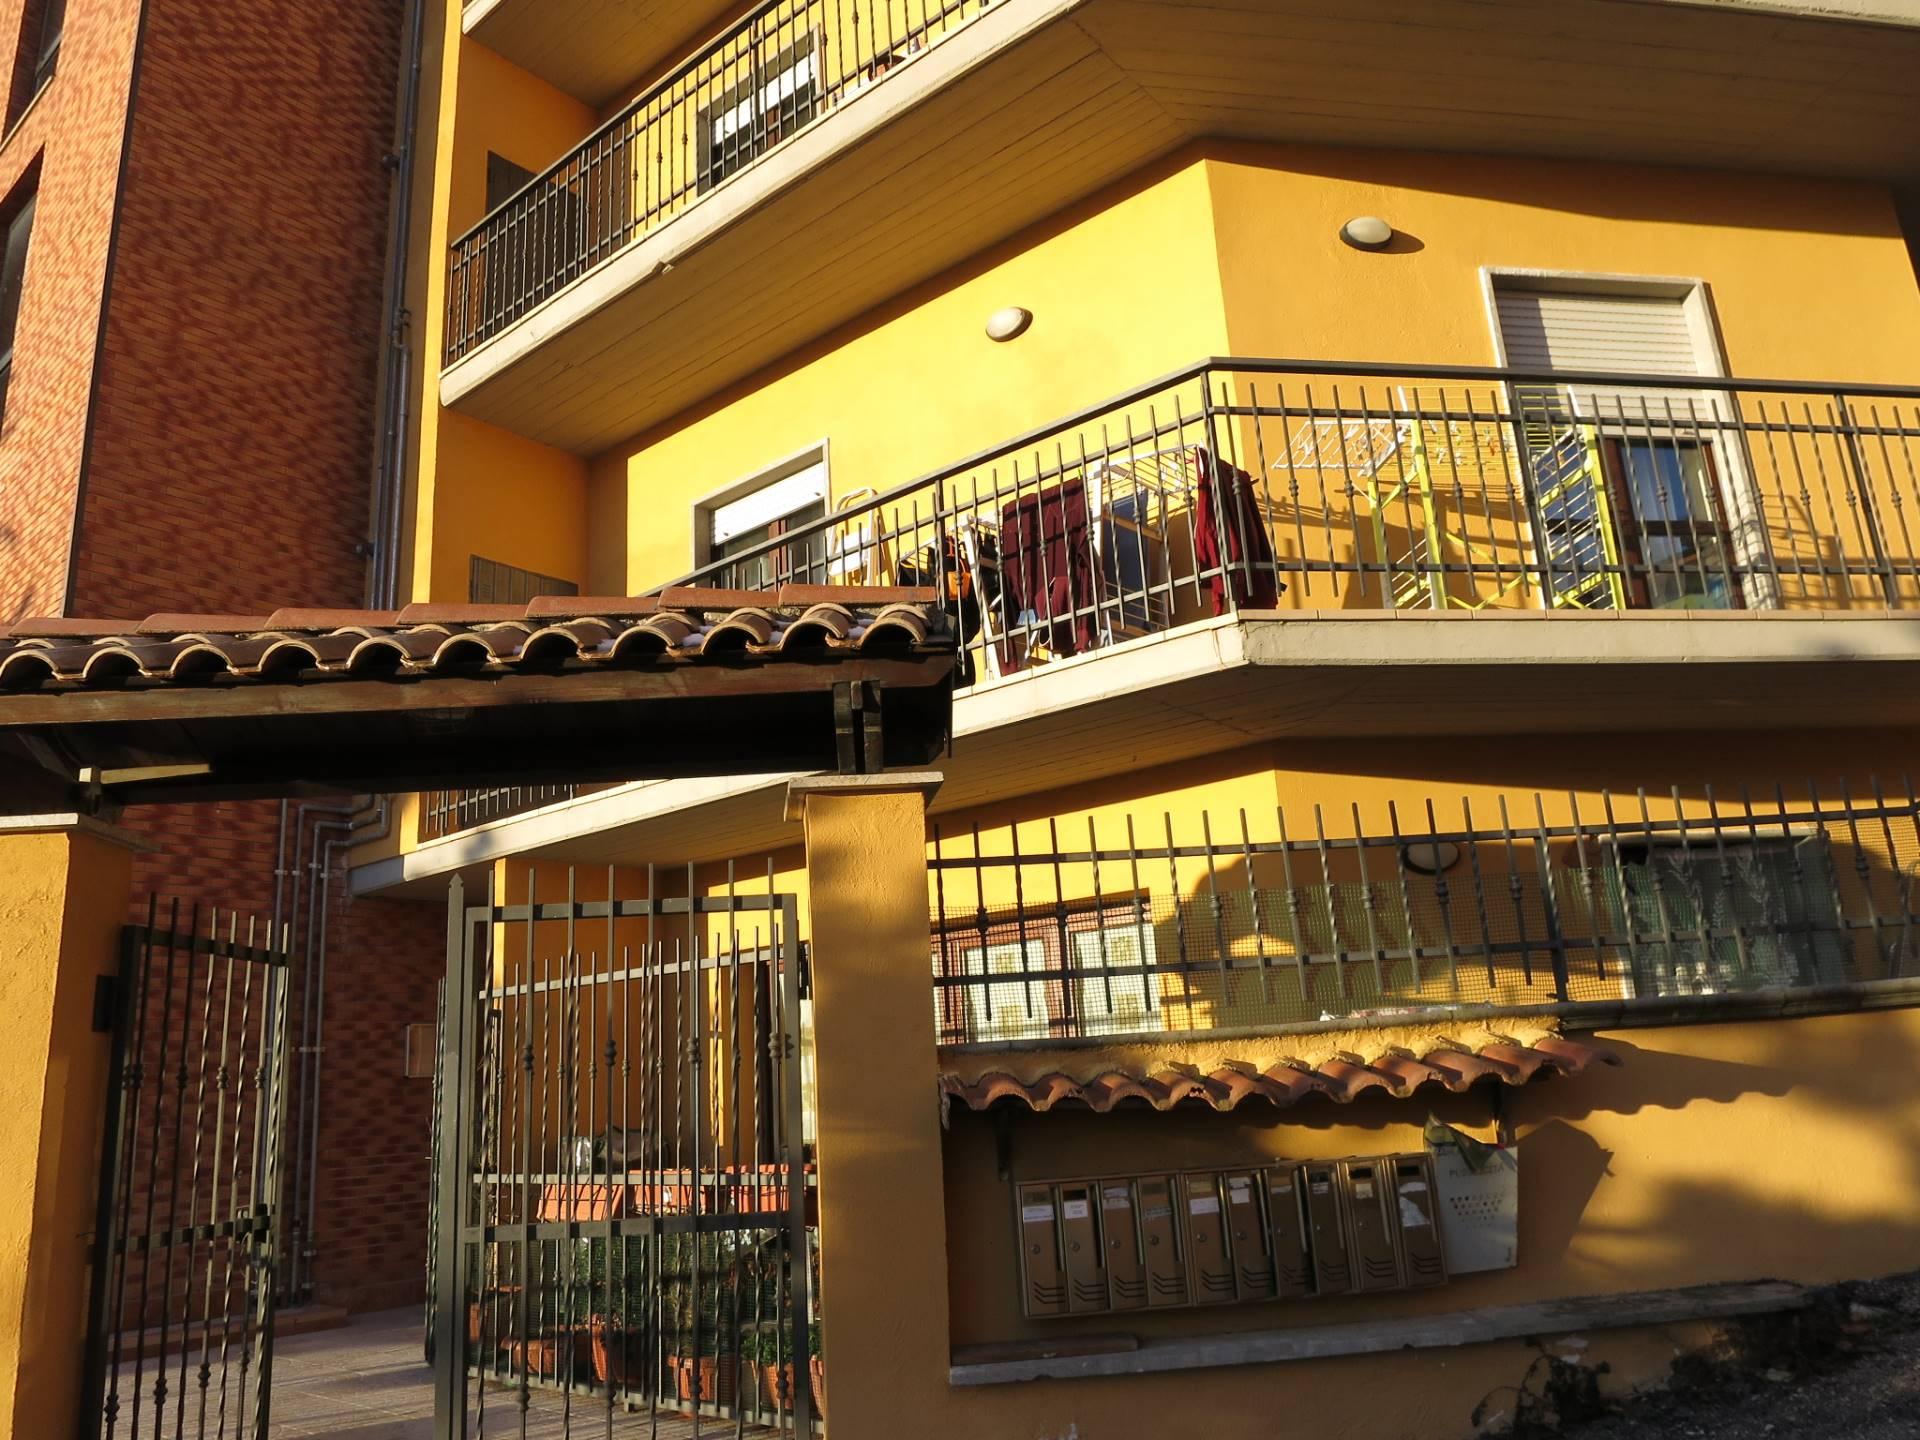 Attico / Mansarda in vendita a L'Aquila, 3 locali, zona Zona: Pettino, prezzo € 45.000 | CambioCasa.it